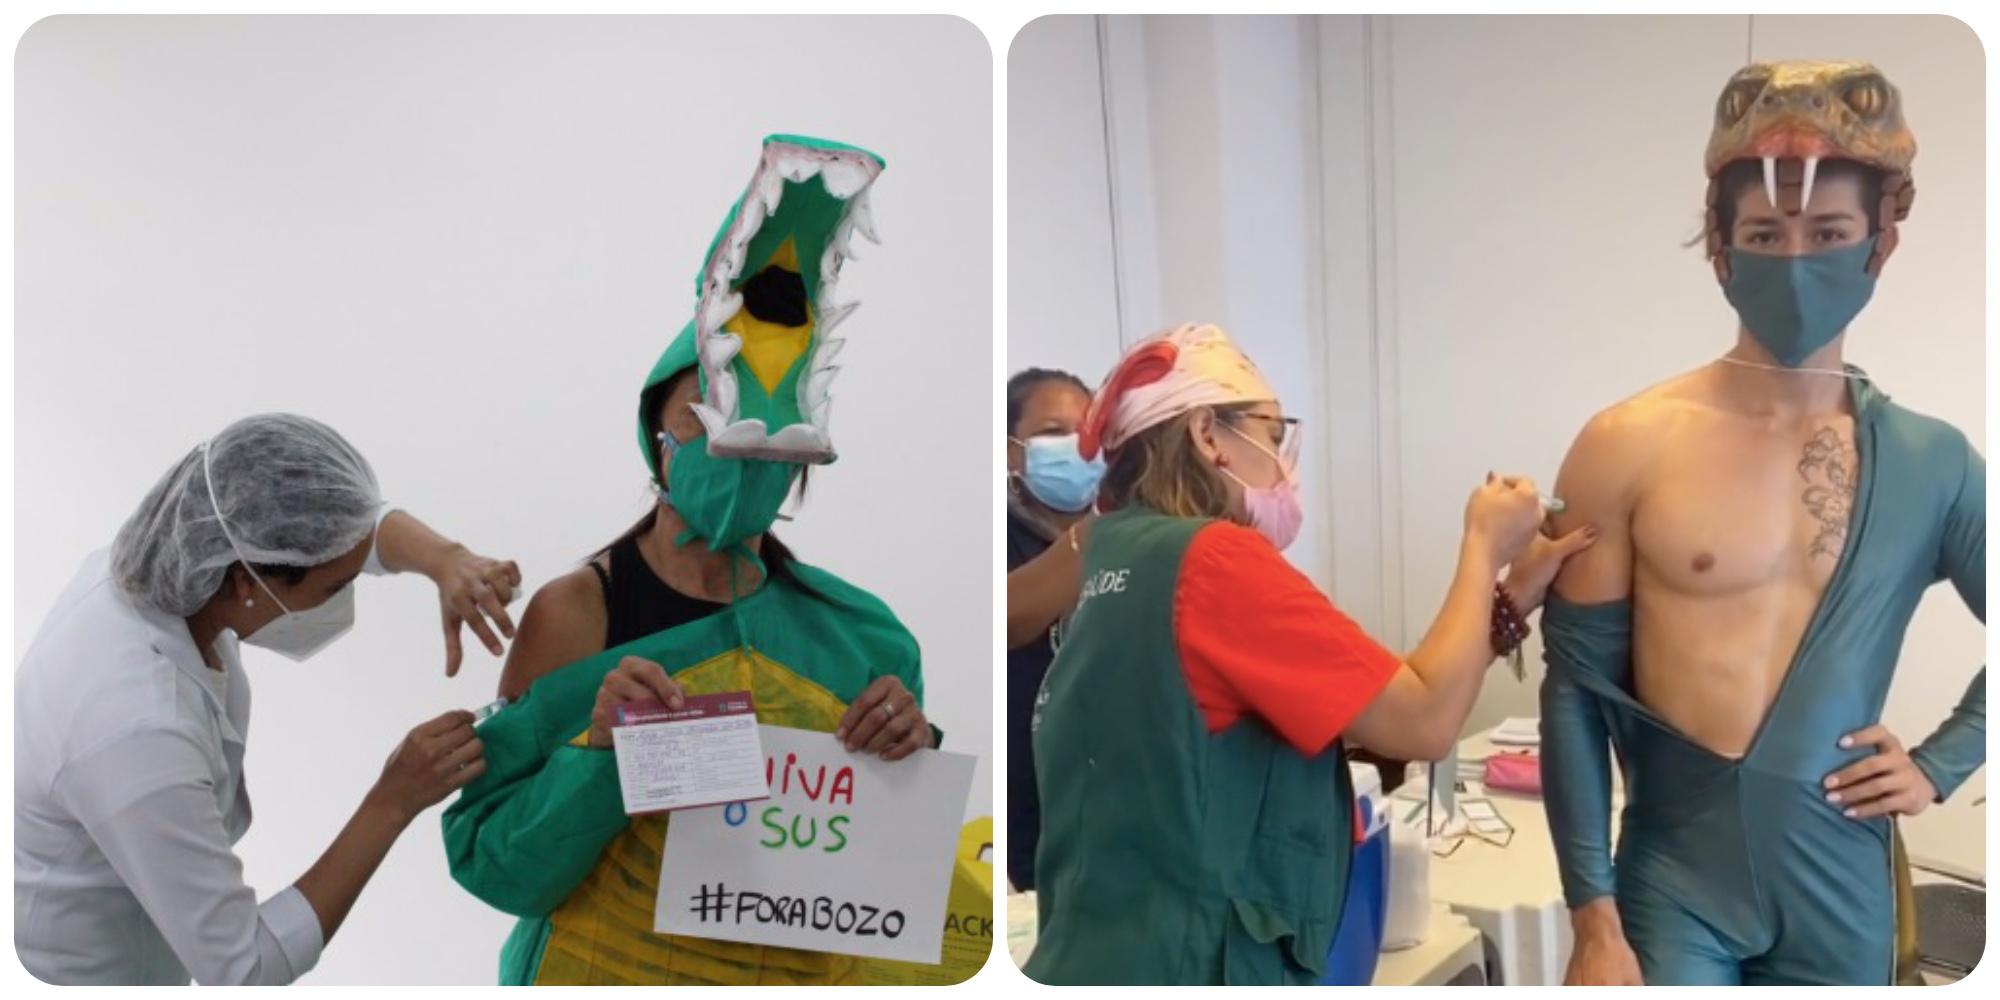 Covid-19 : au Brésil, ils se font vacciner déguisés en crocodile pour dénoncer le président Bolsonaro